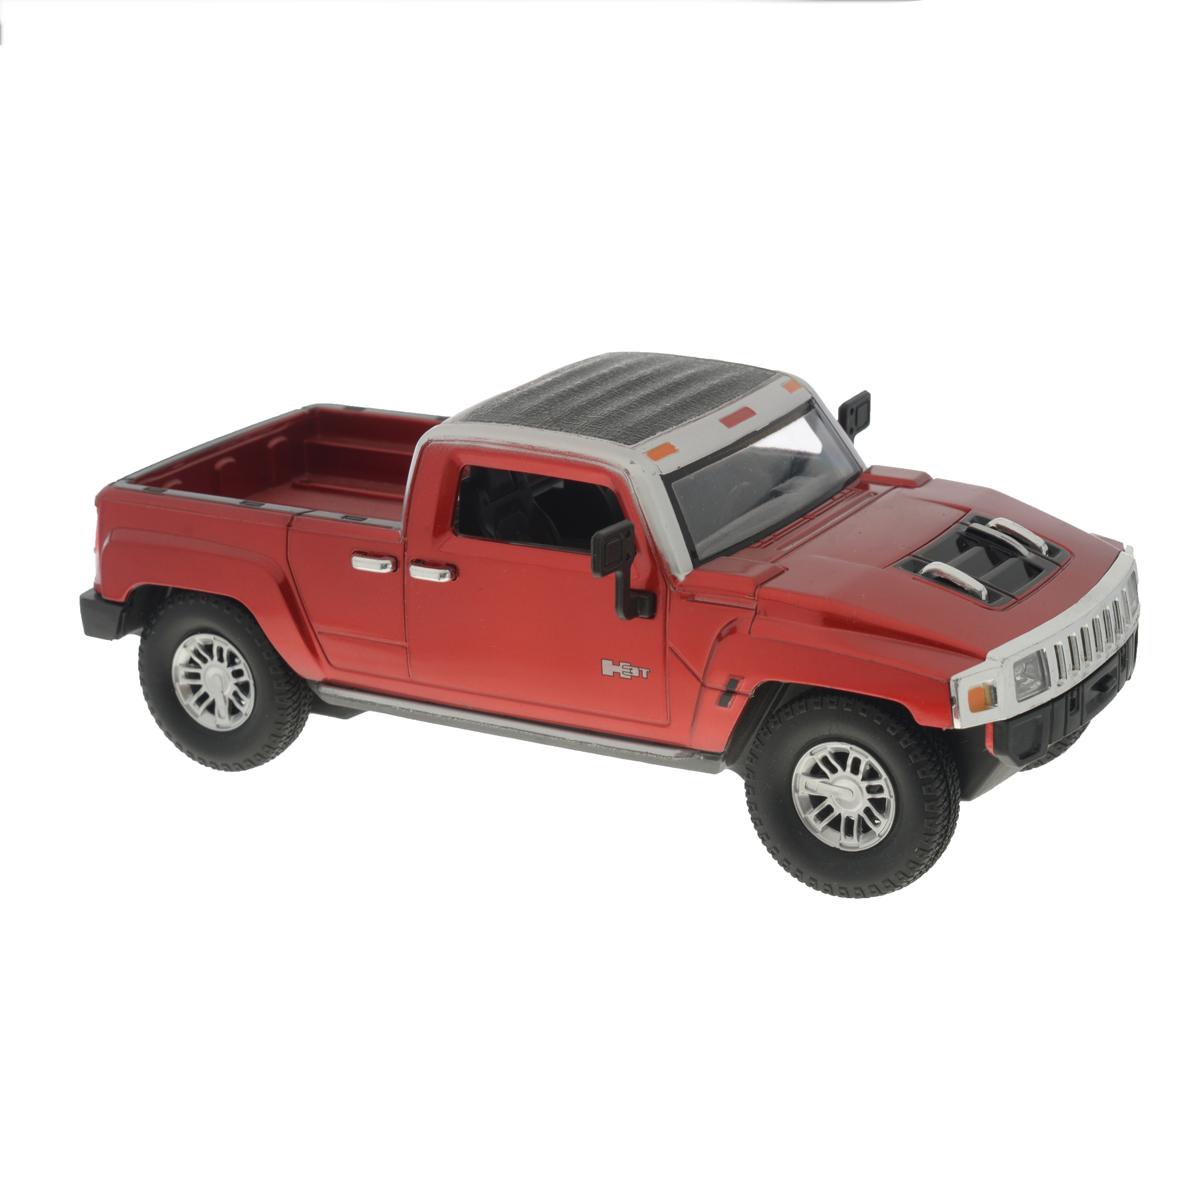 Guokai Машинка инерционная Hummer цвет красный пламенный мотор машинка инерционная volvo пожарная охрана